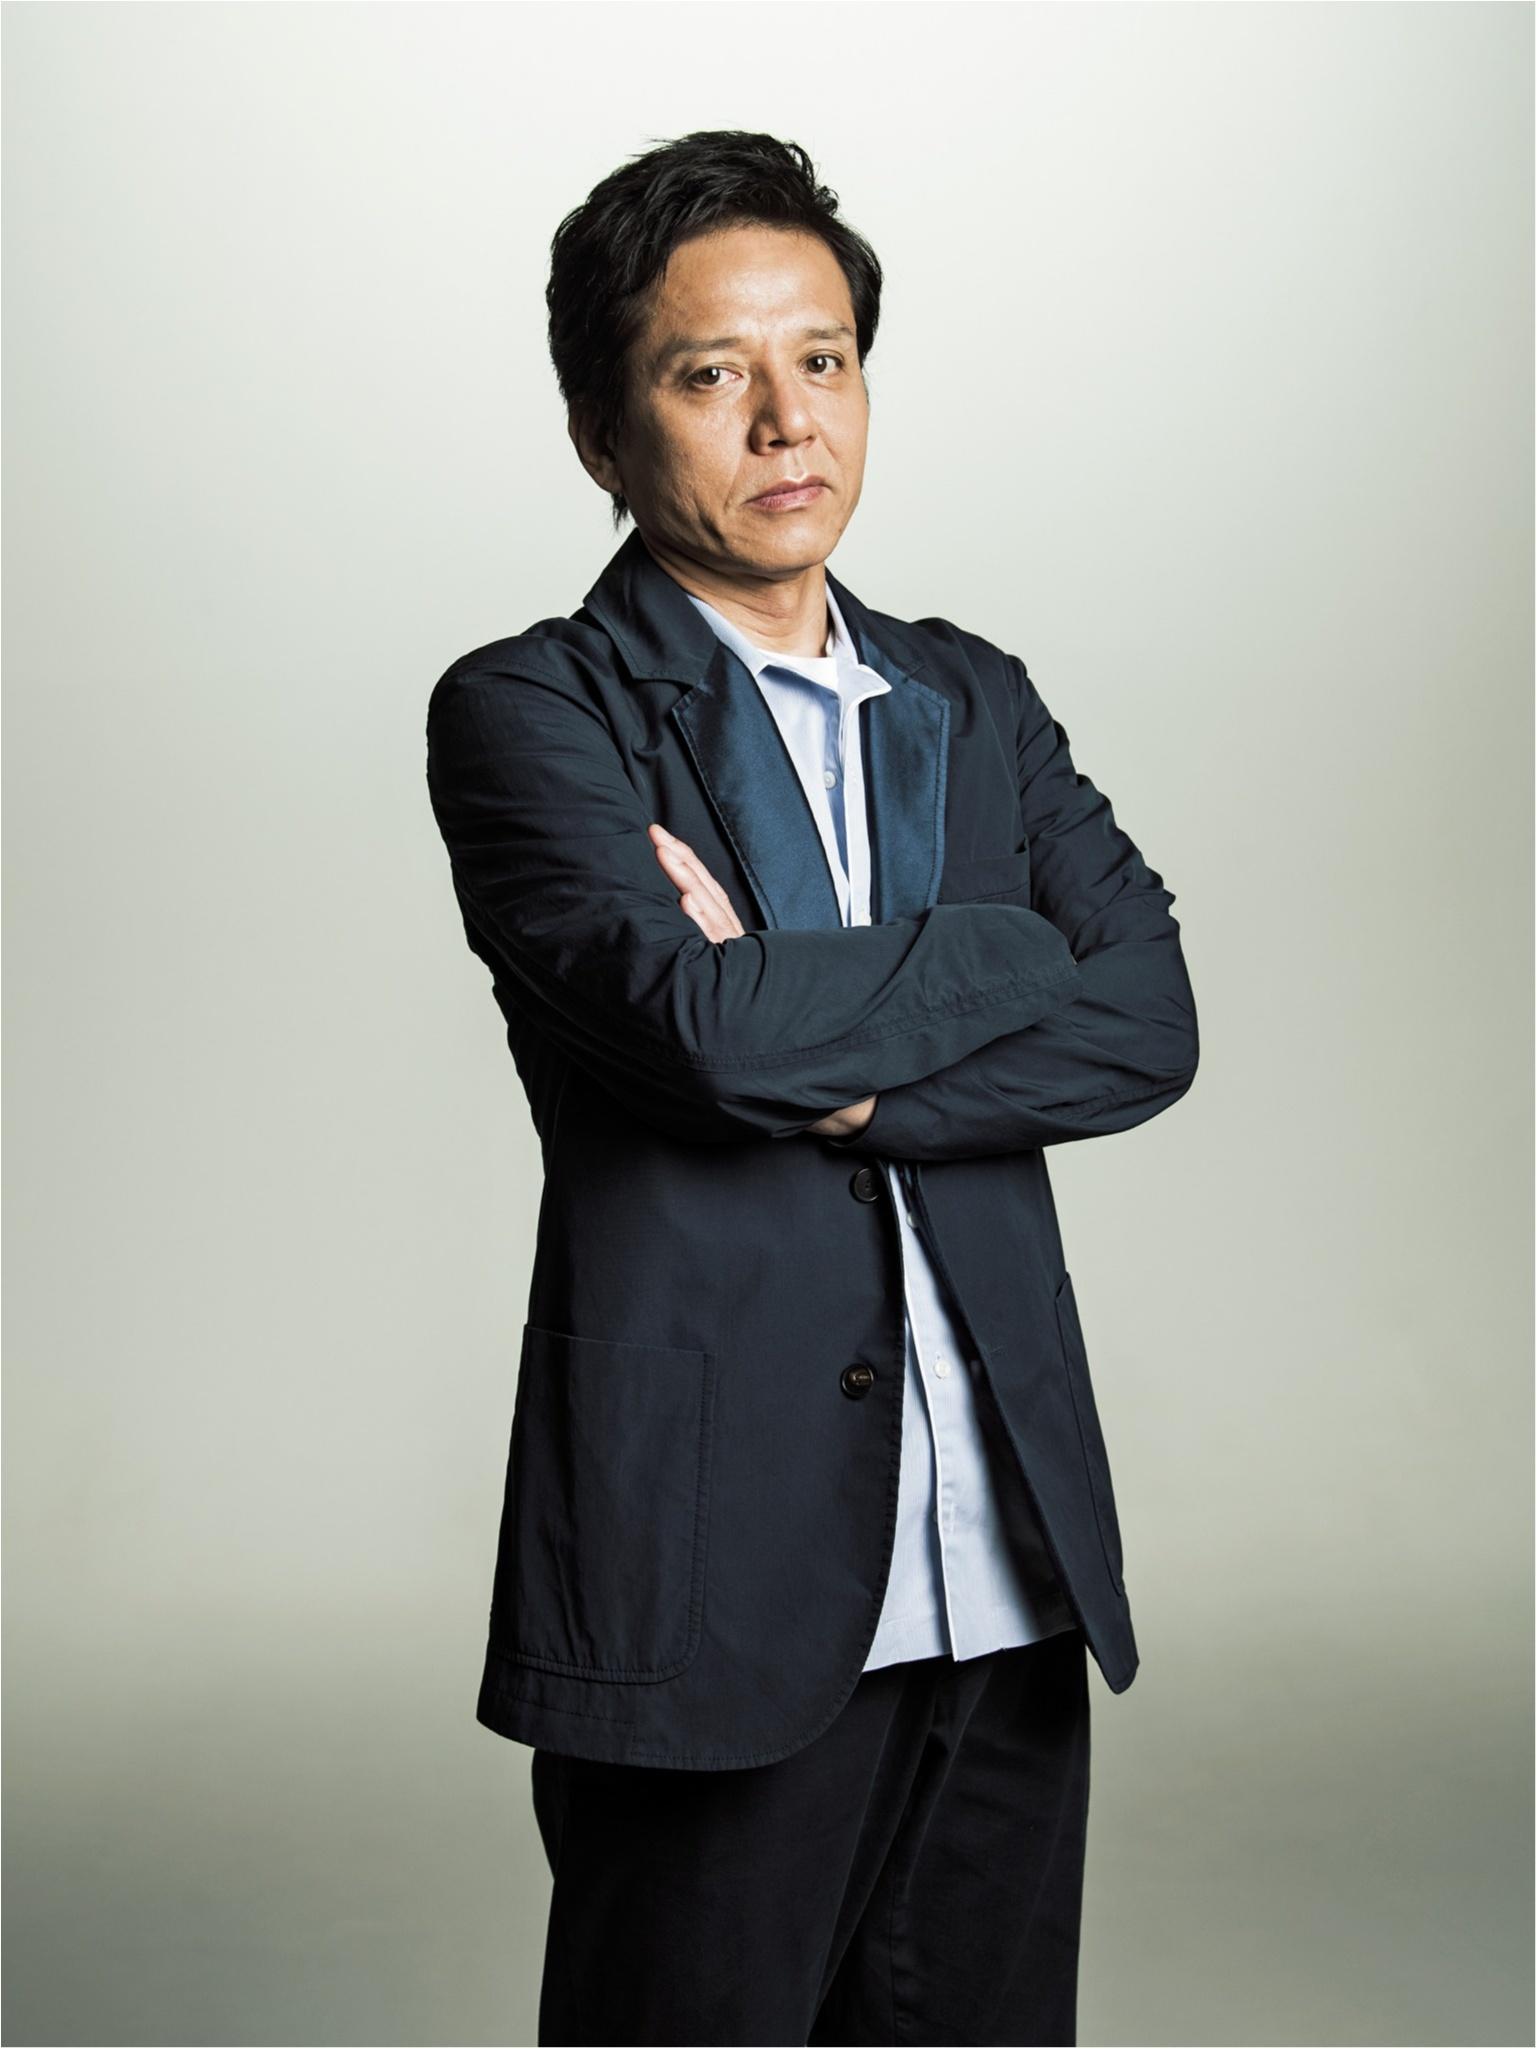 勝村政信さんに質問。「趣味が合わない彼との将来が不安です……」【お悩み相談室『俺の人生論』】_1